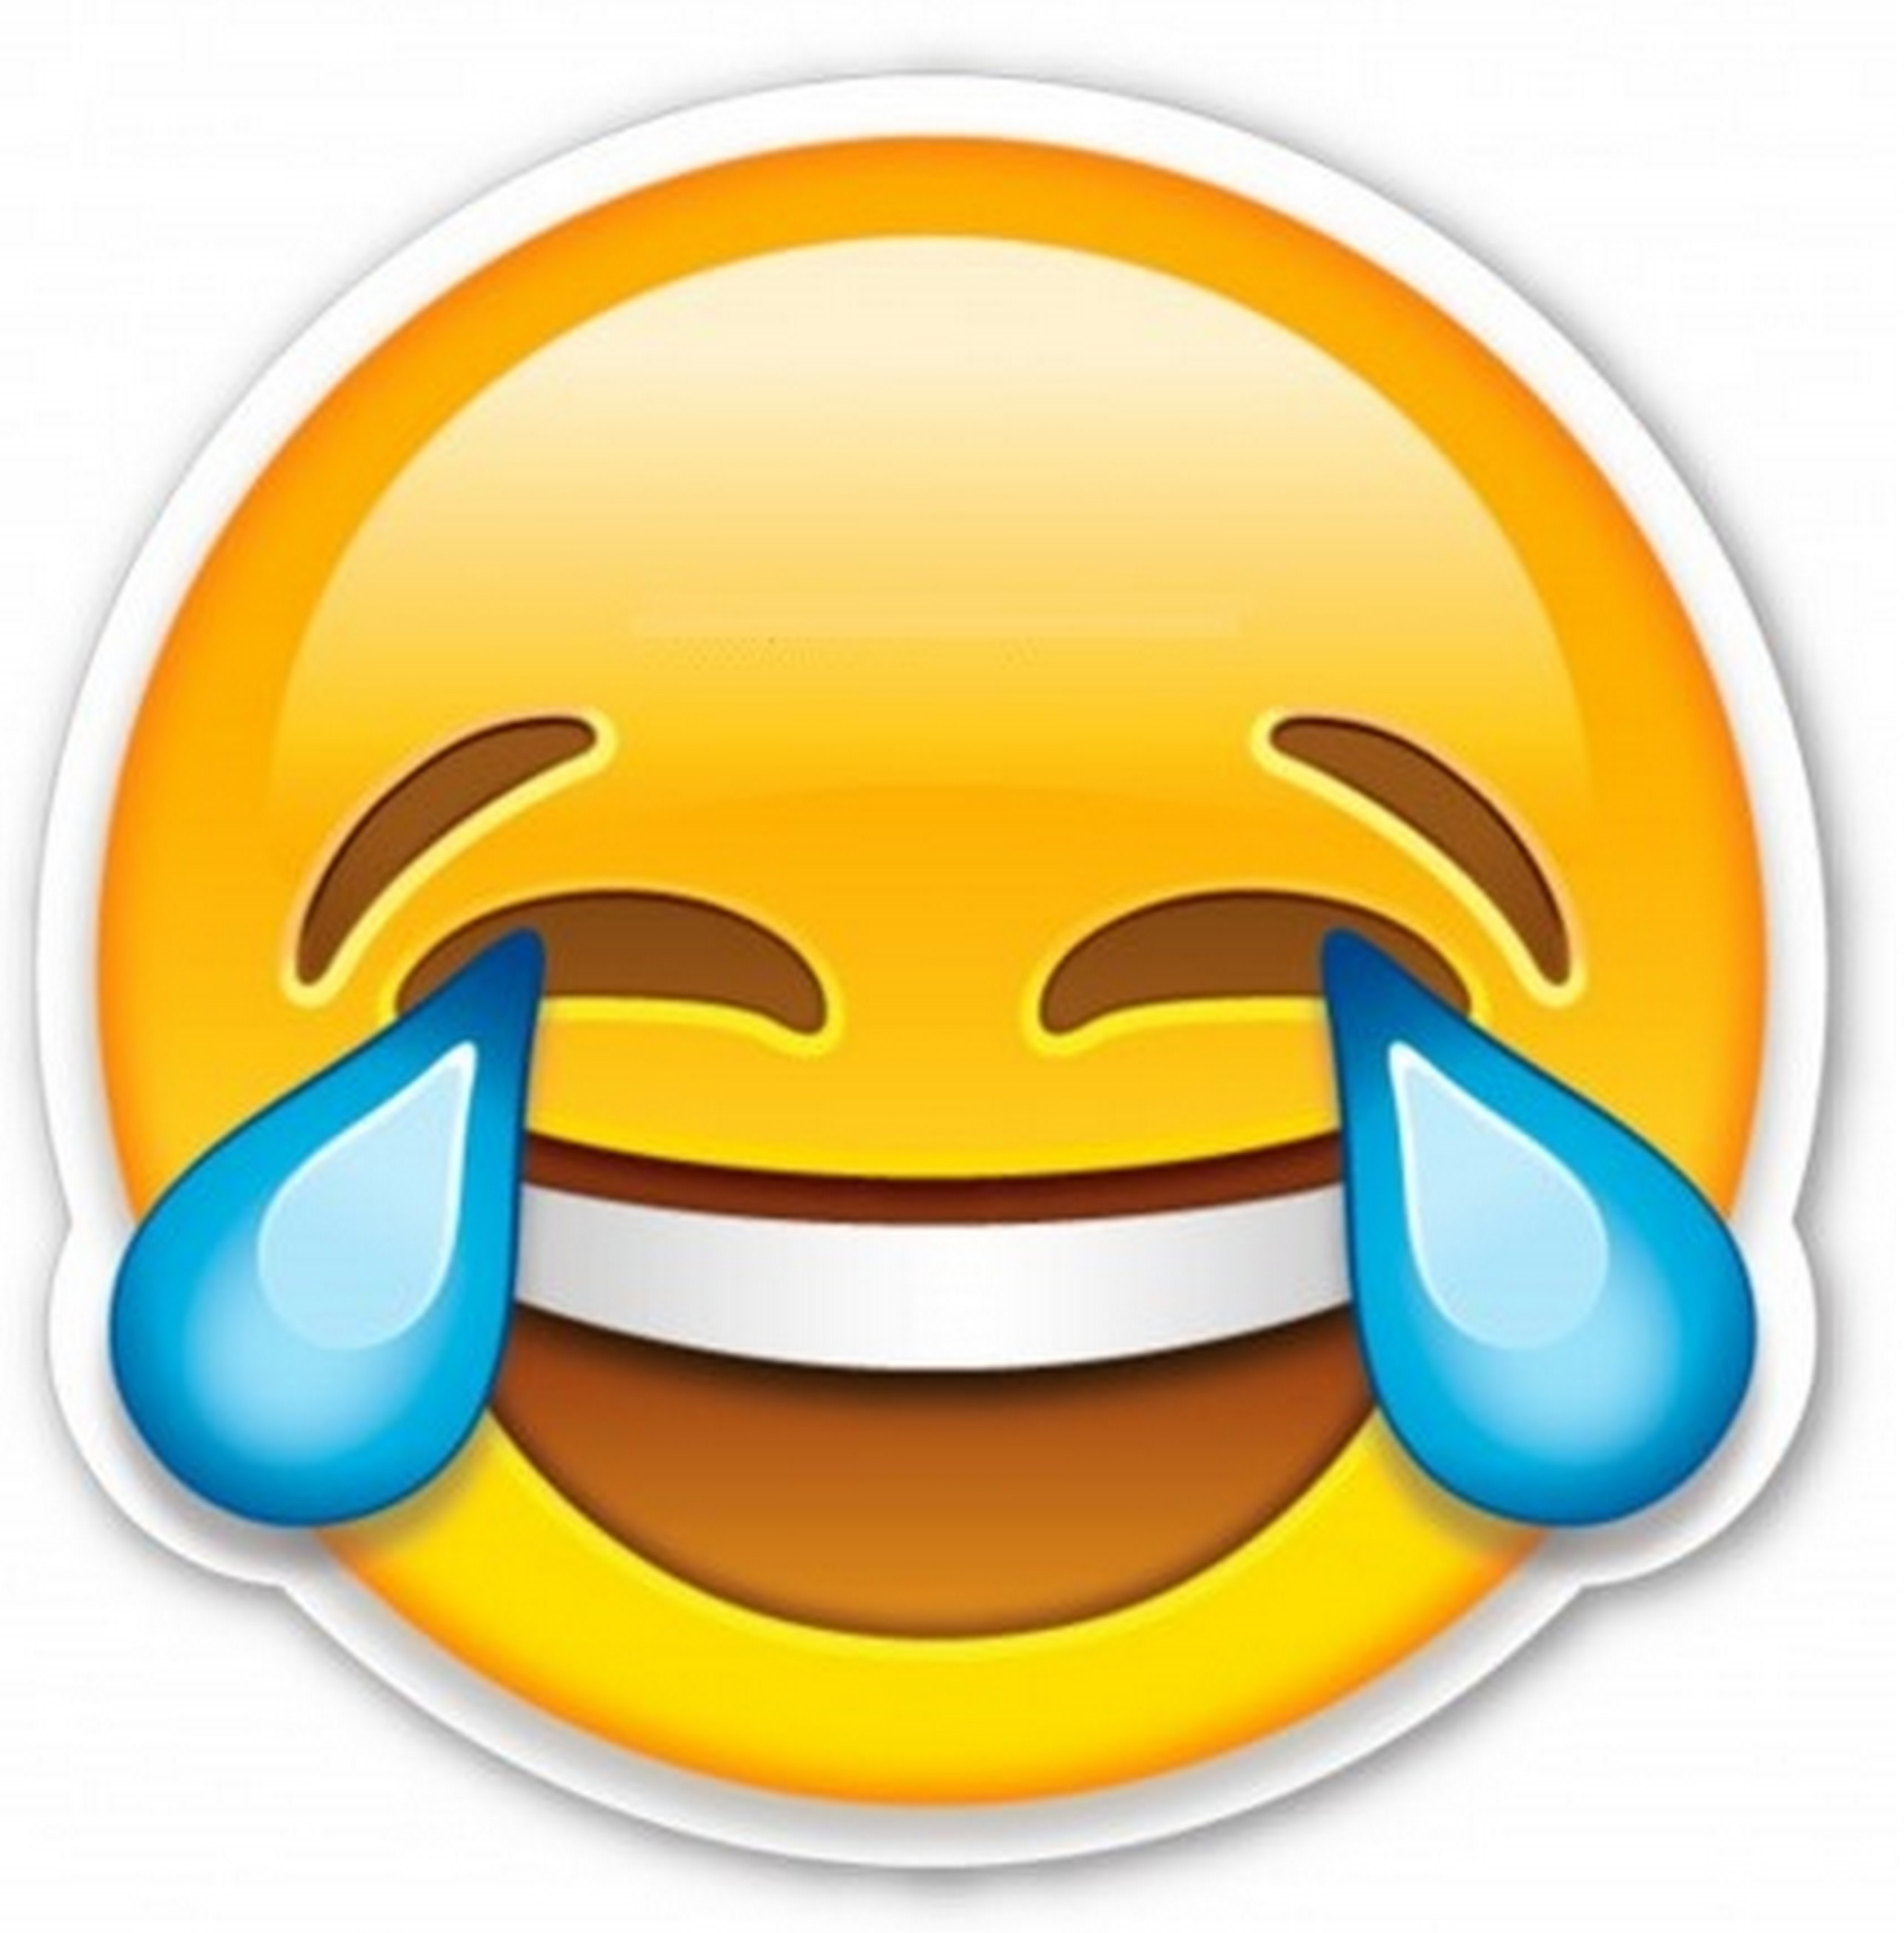 Whatsapp emojis zum ausdrucken? (Smiley, Emoji)